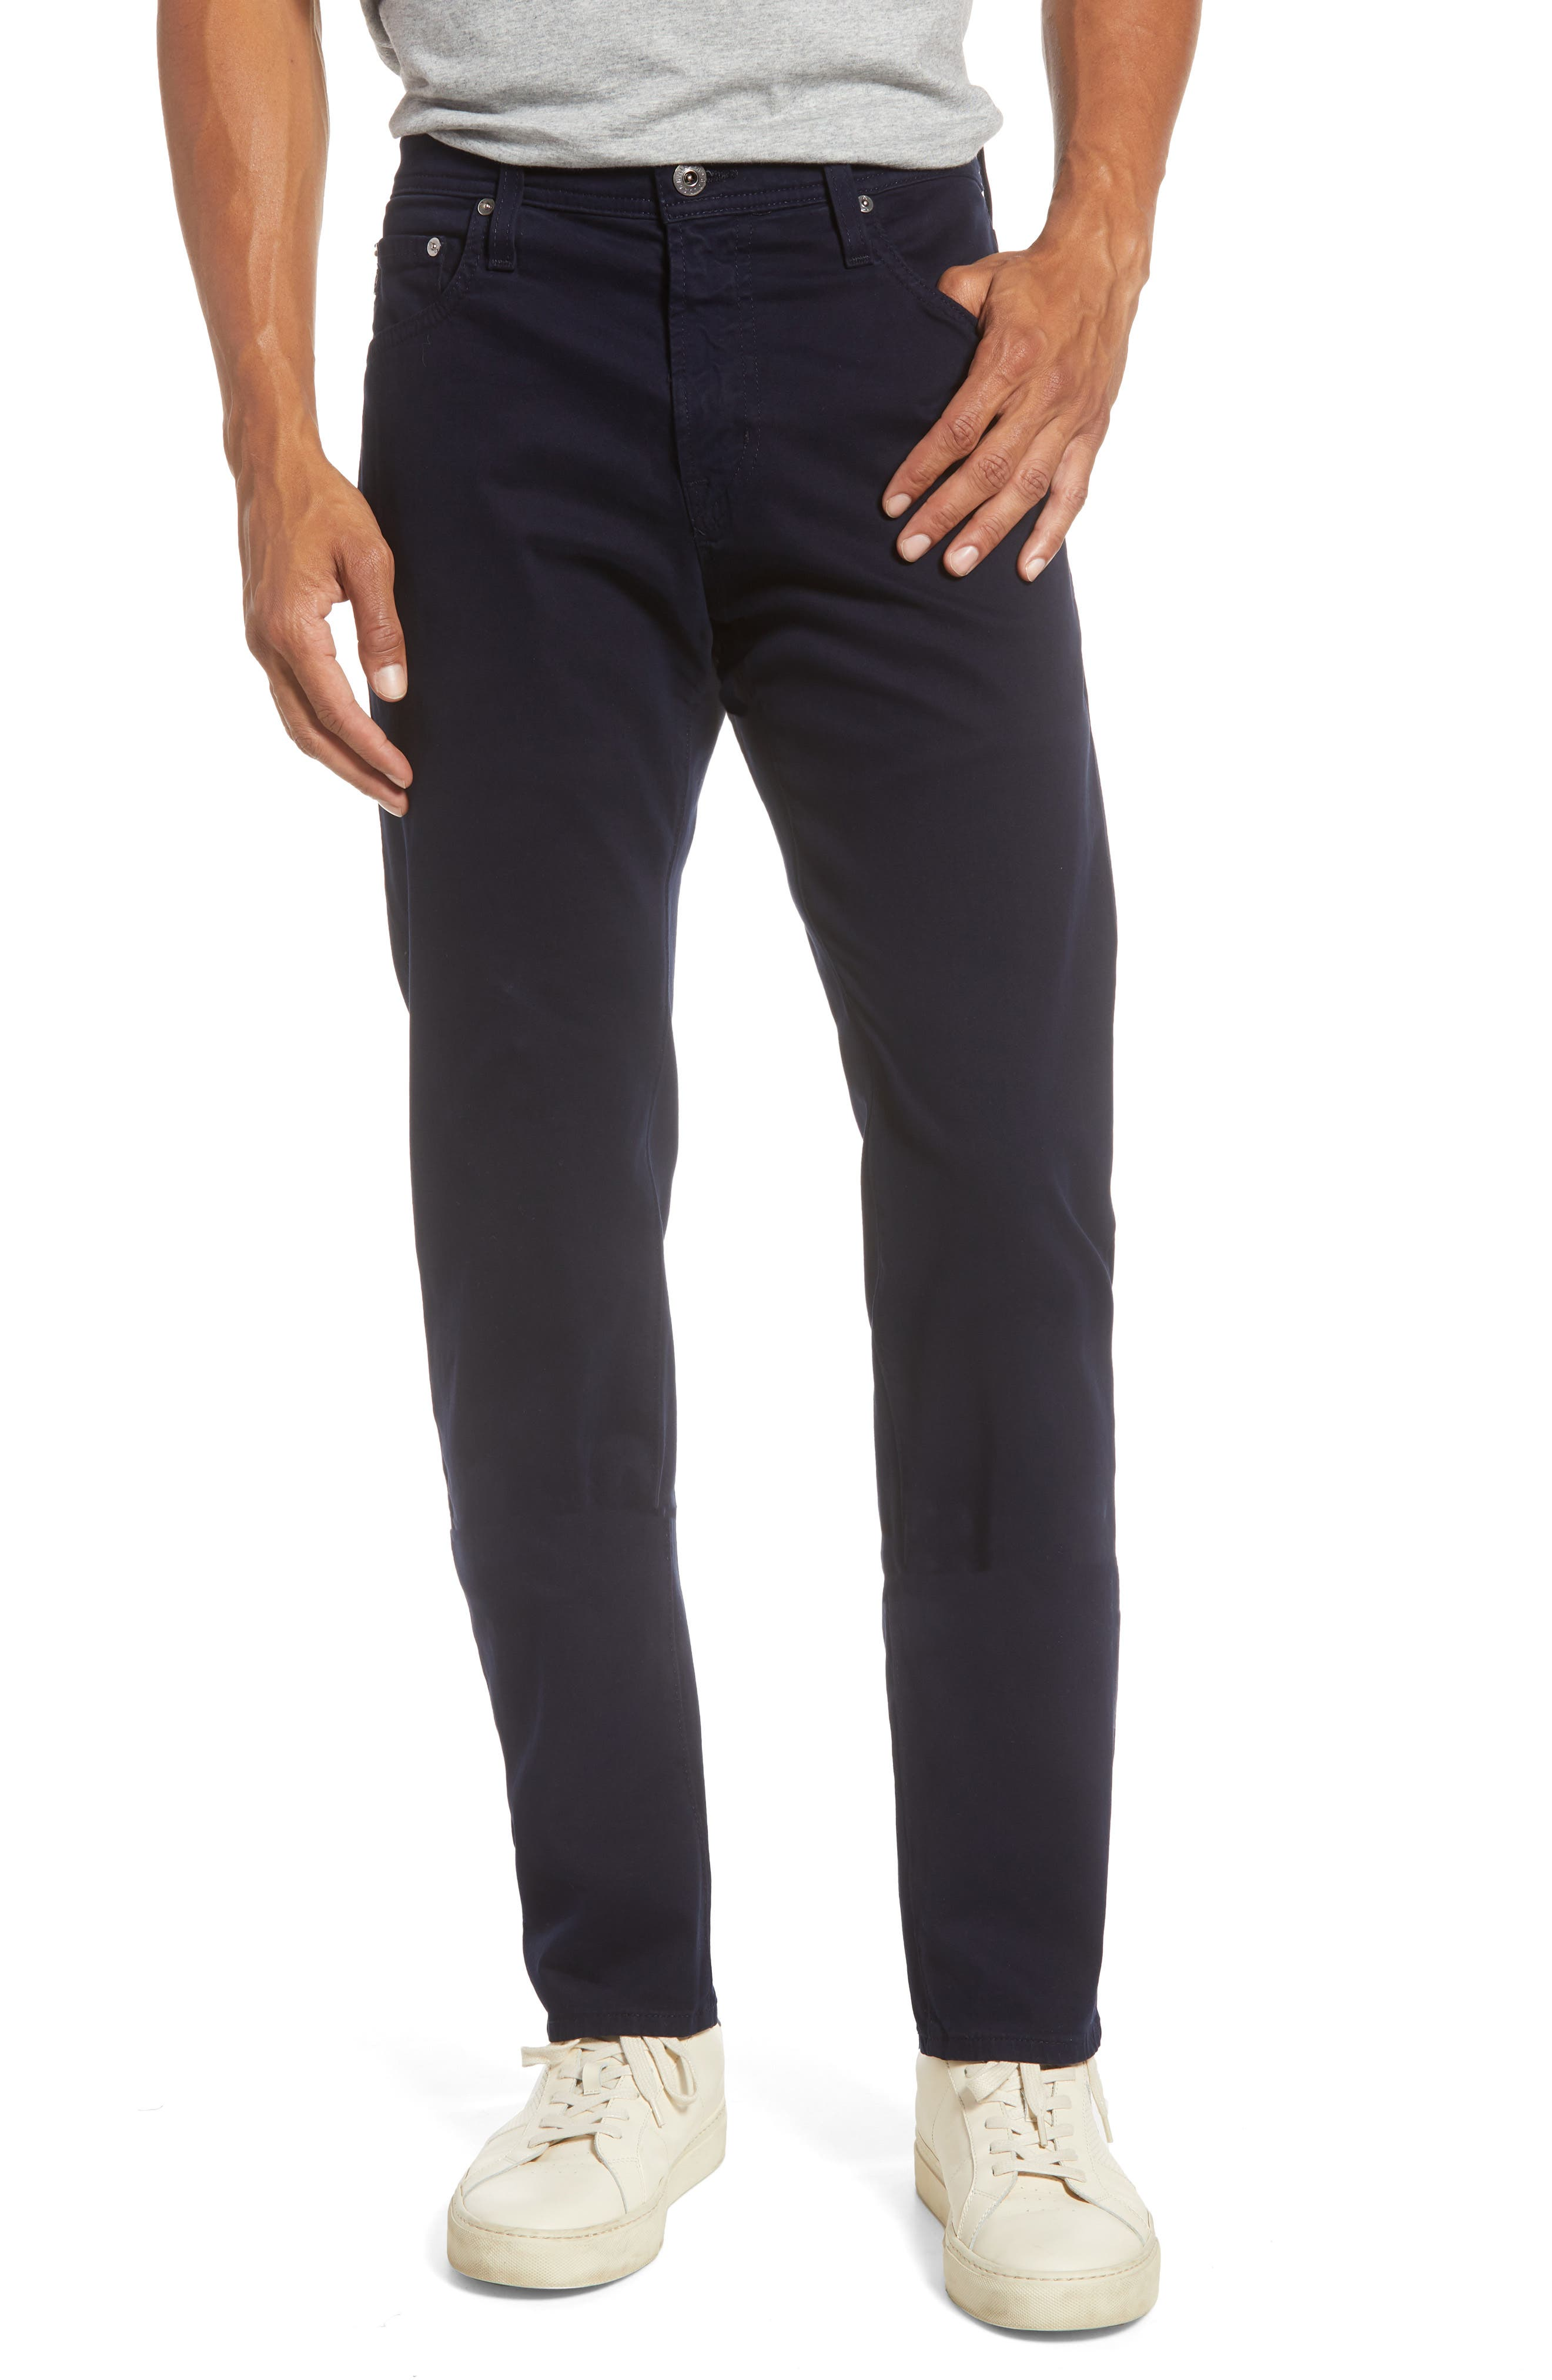 Tellis Sud Modern Slim Fit Stretch Twill Pants